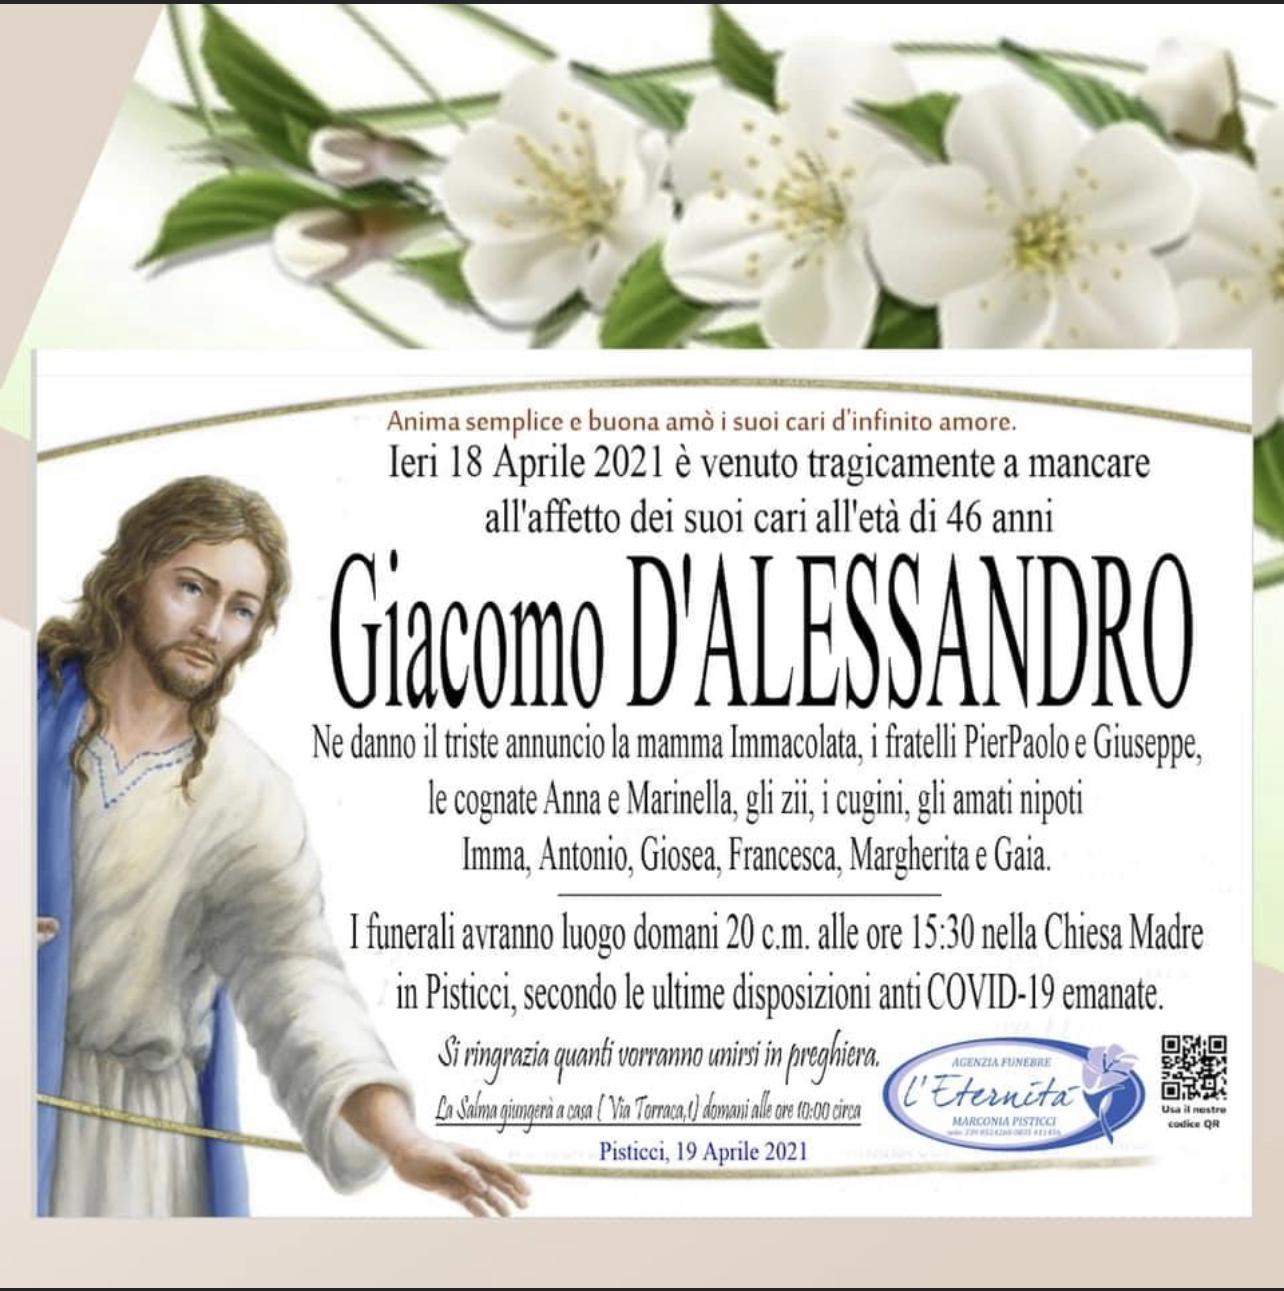 Giacomo D'ALESSANDRO